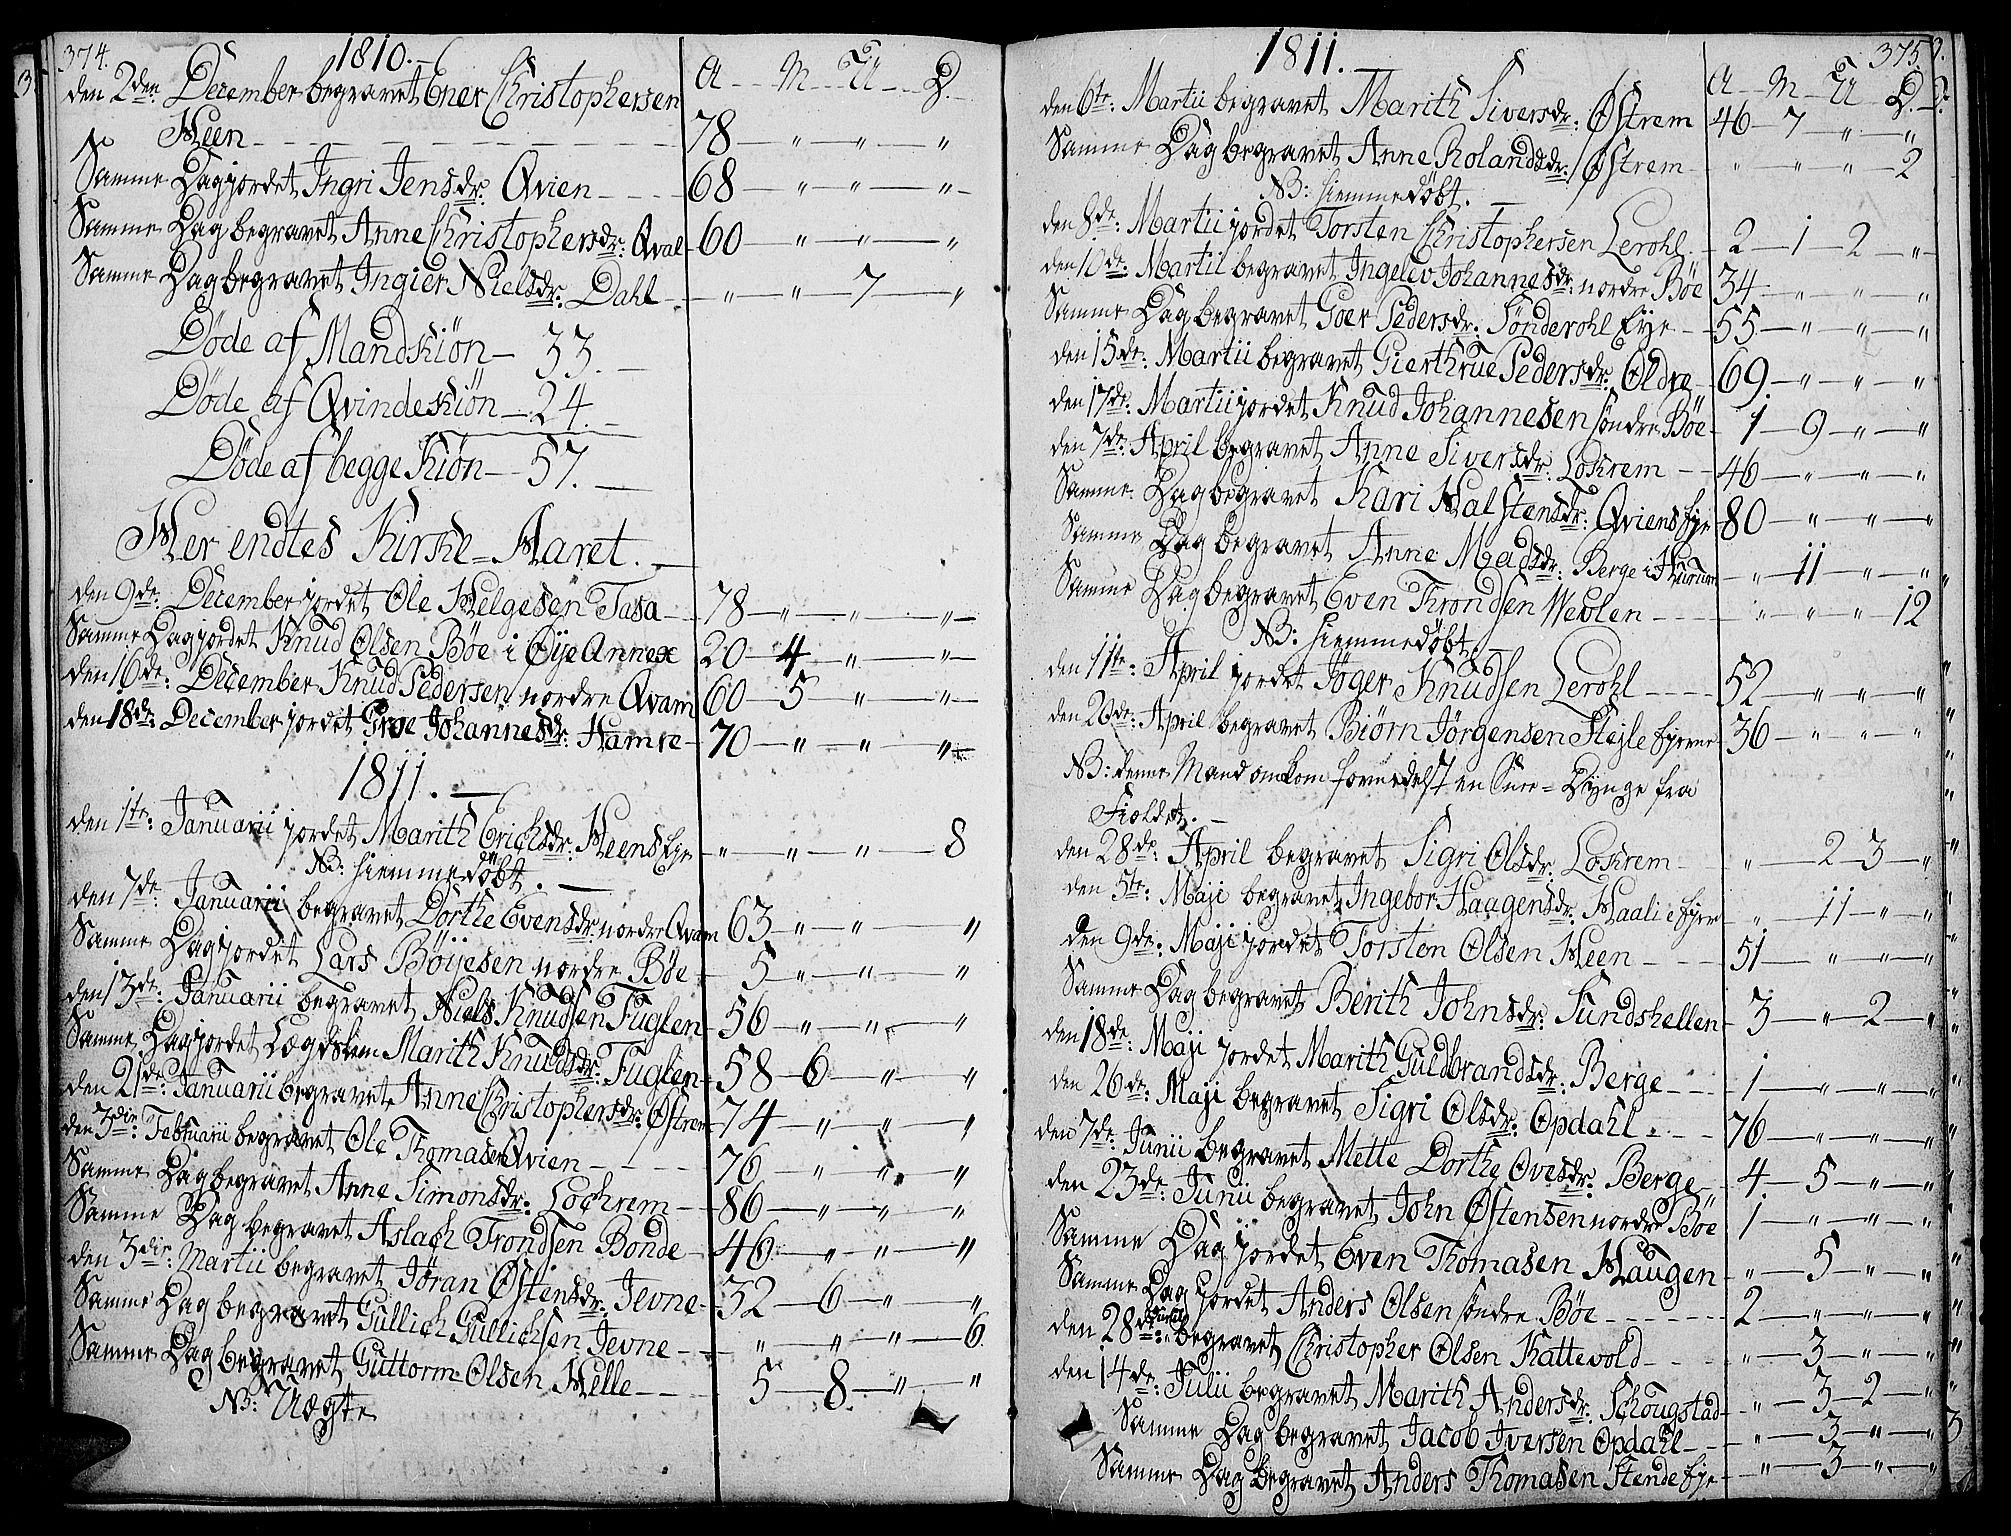 SAH, Vang prestekontor, Valdres, Ministerialbok nr. 3, 1809-1831, s. 374-375